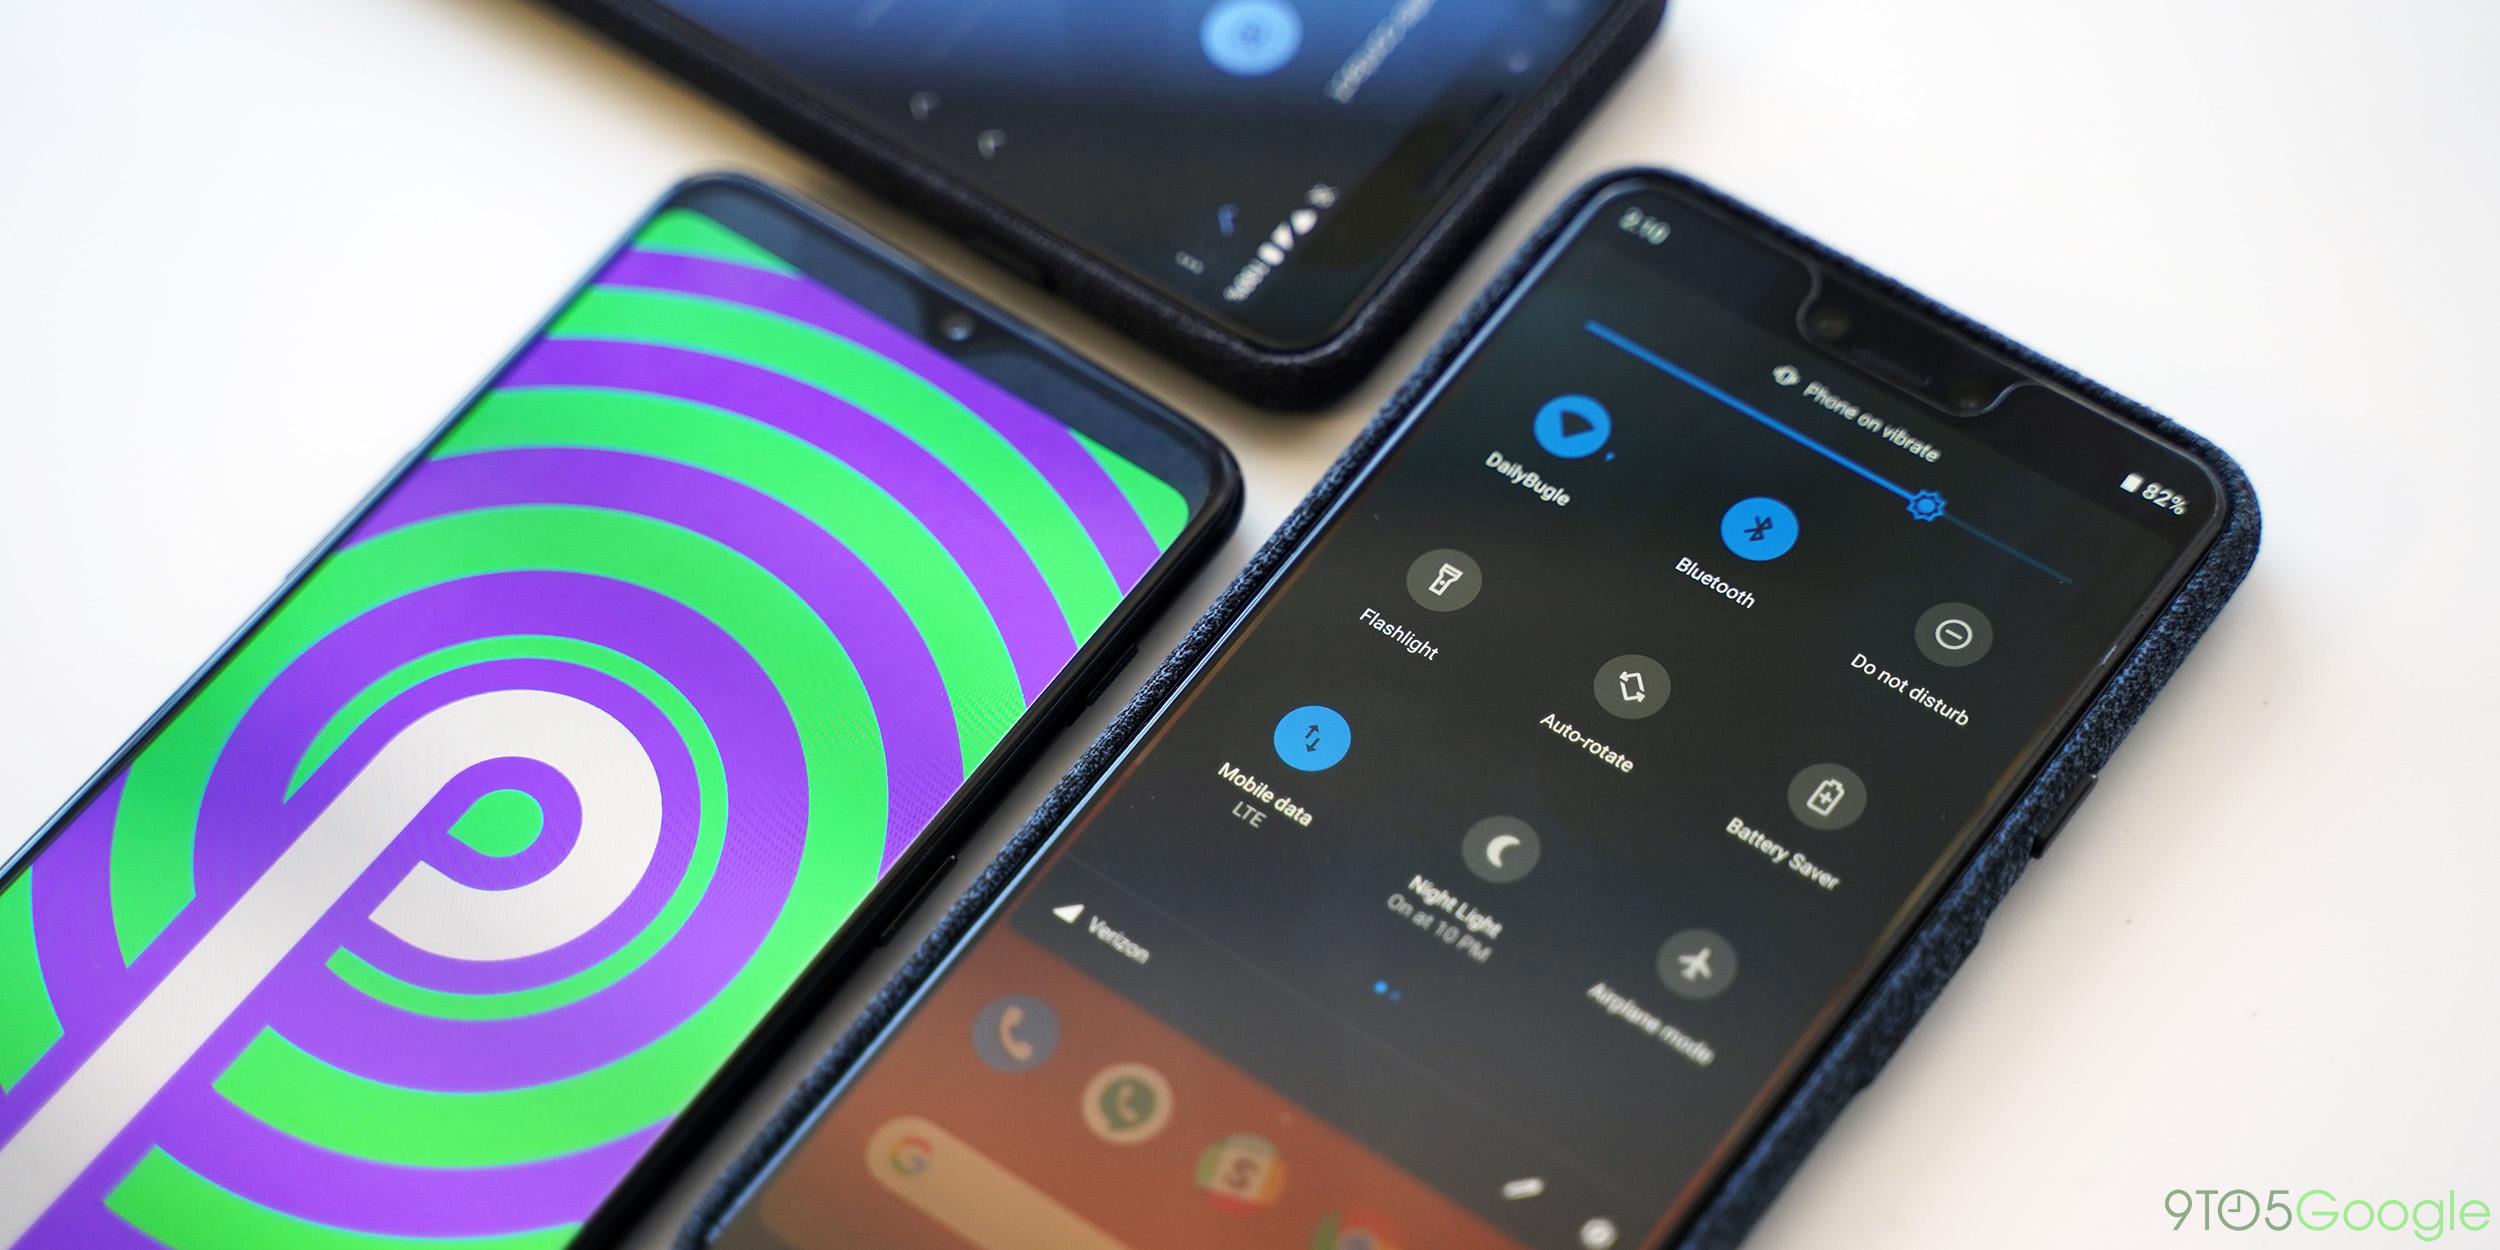 Neue Beweise deuten darauf hin, dass Android Q möglicherweise einen systemweiten Dark-Modus bereitstellt, sodass weitere Apps aktualisiert werden müssen